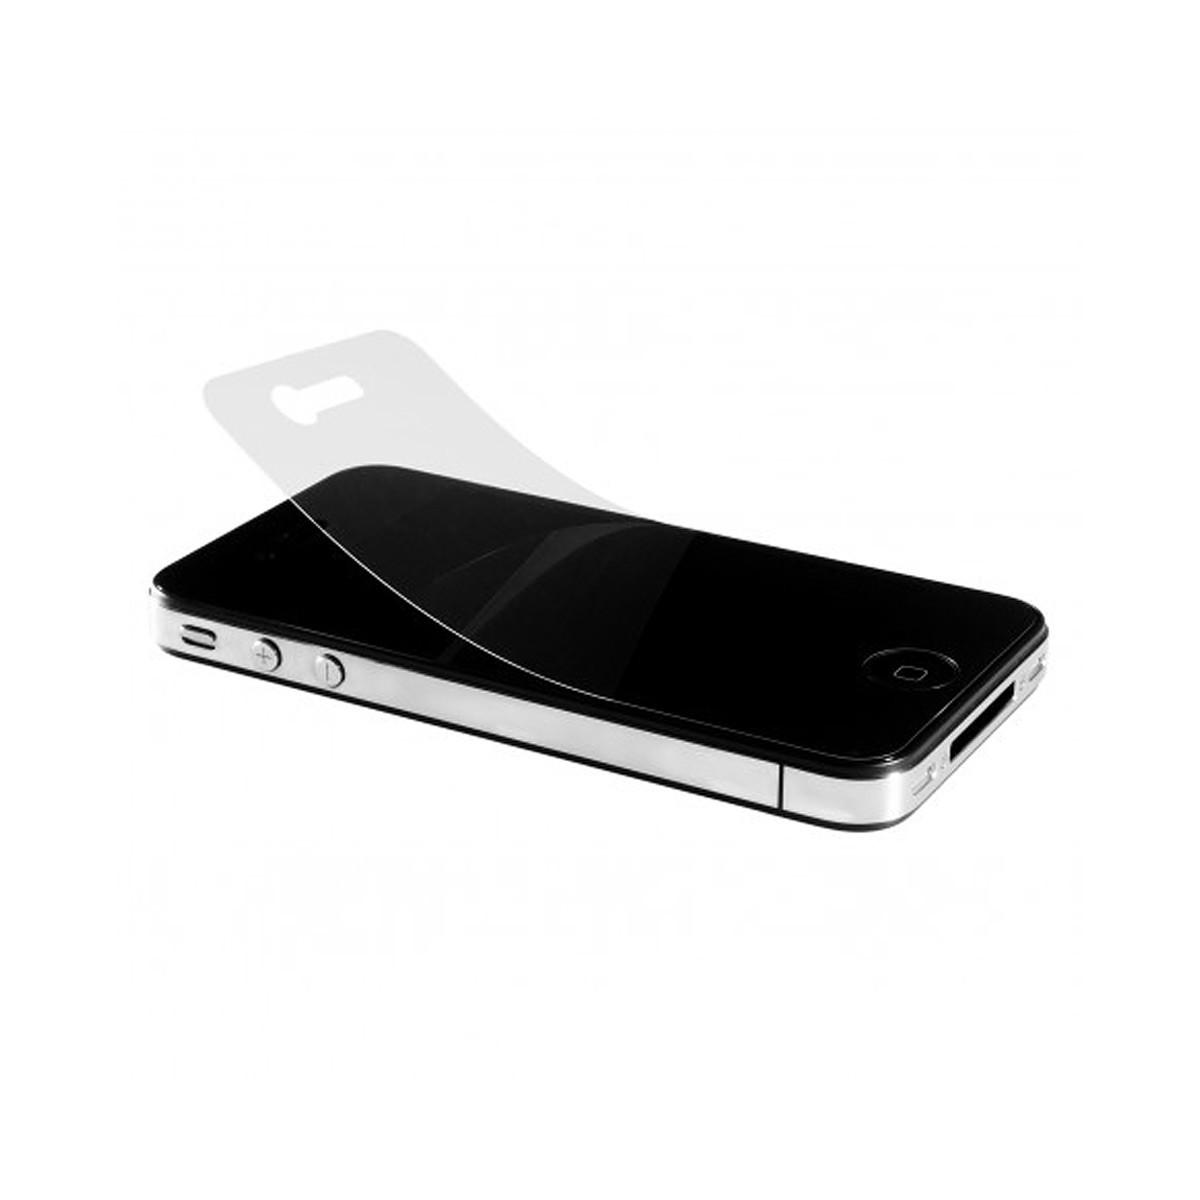 Прозрачен защитен протектор Artwizz ScratchStopper за Apple iPhone 4